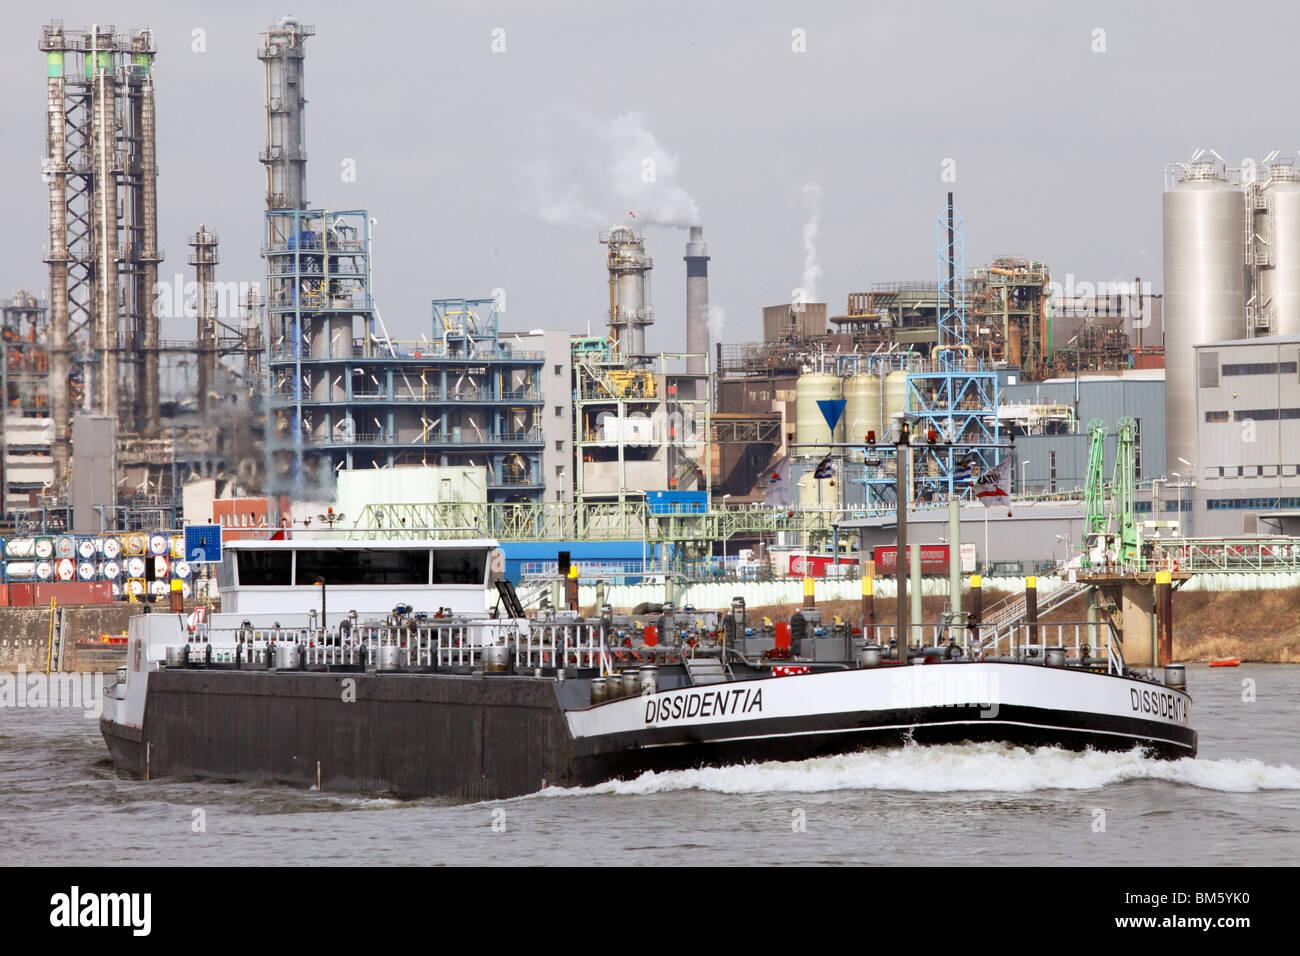 Bayer AG chemical factory in Leverkusen at the rhine. tanker. Leverkusen, NRW, Germany, Europe. - Stock Image